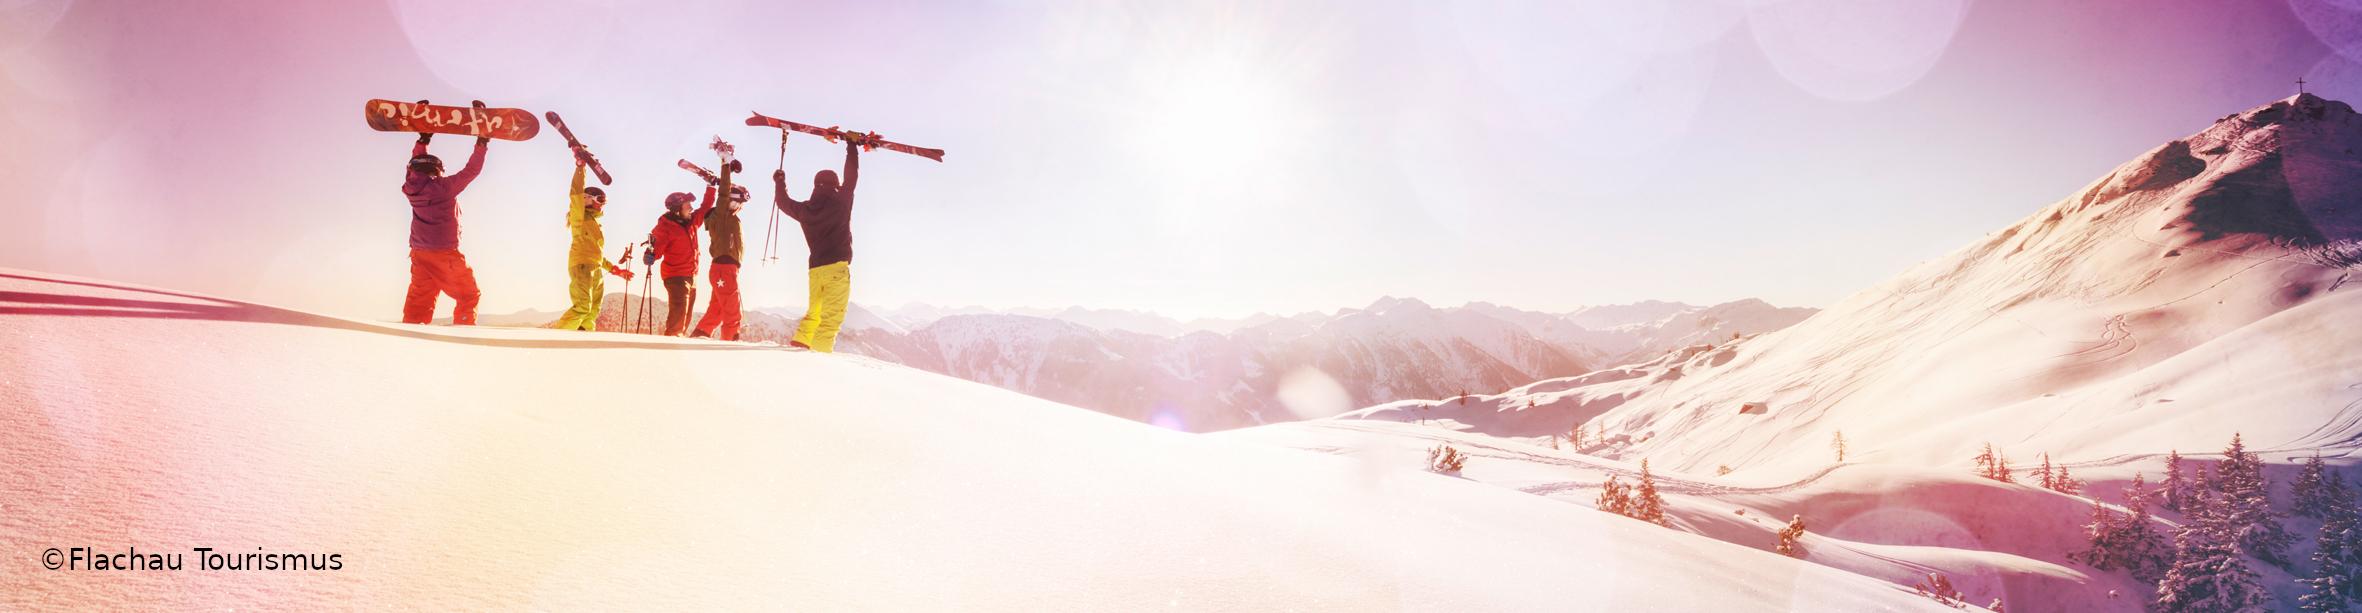 FLACHAU WINKL- Skiwochenende – Berghütte direkt auf der Piste